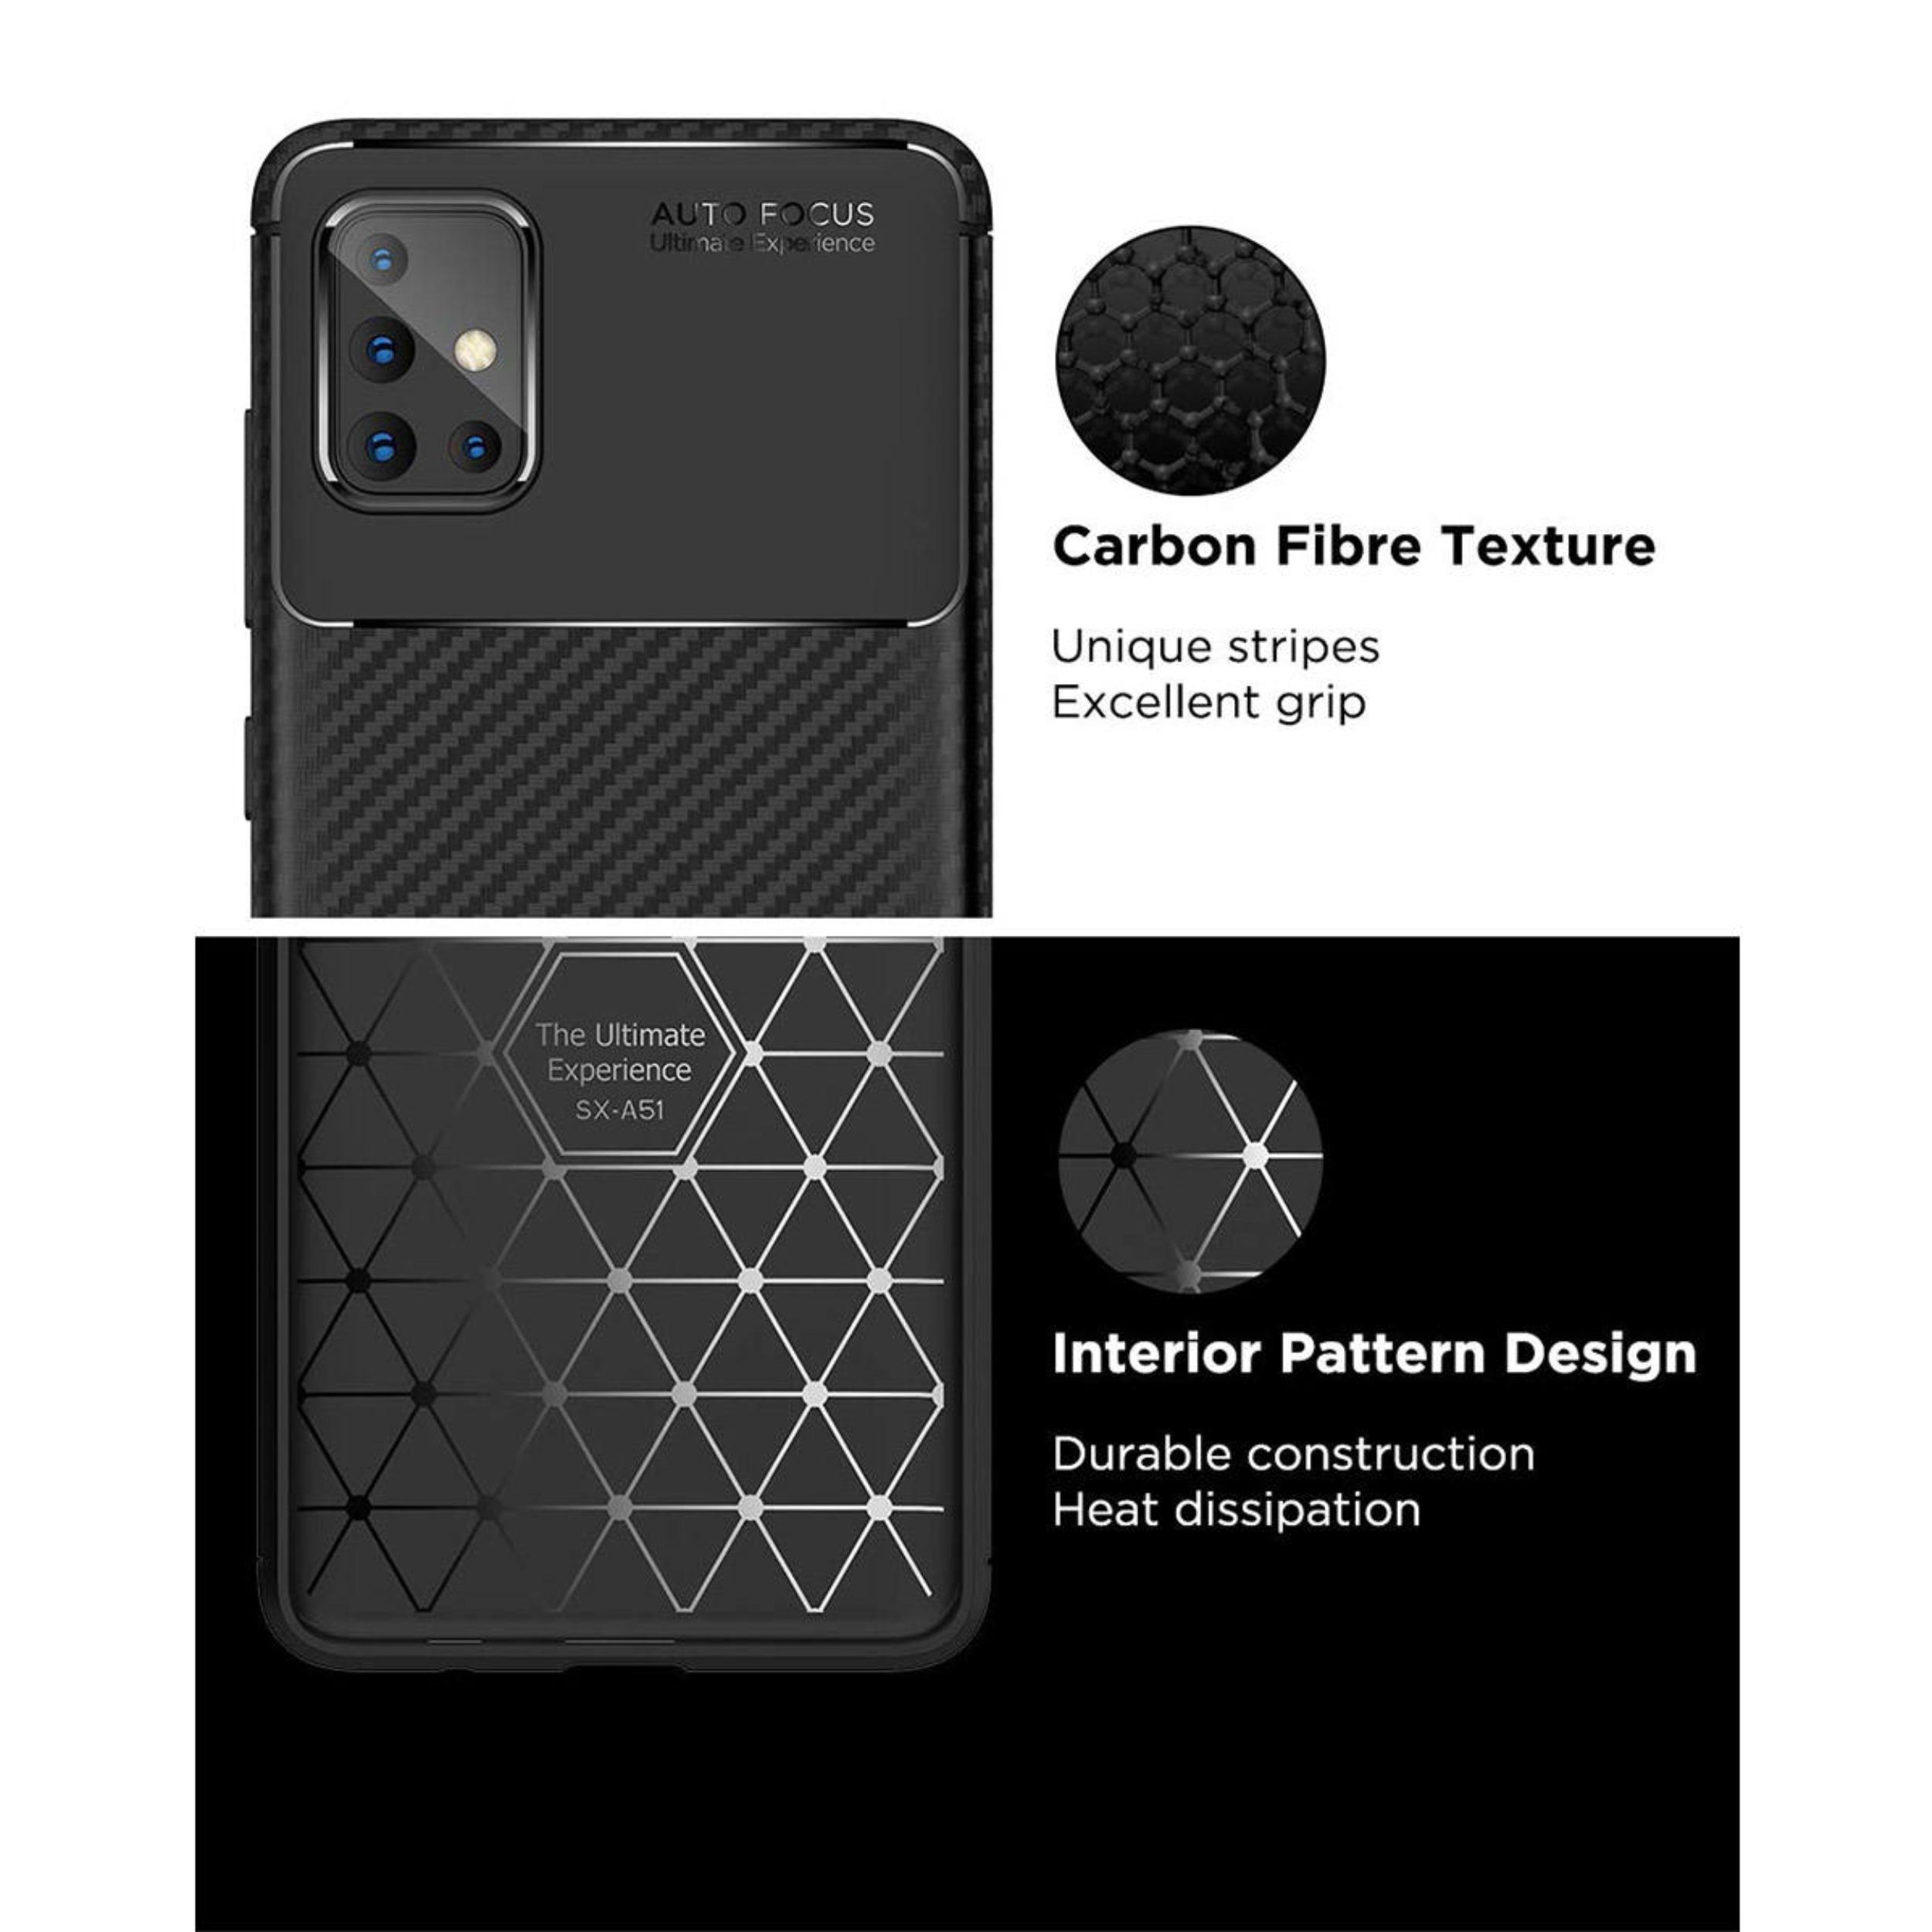 کاور لاین کینگ مدل A21 مناسب برای گوشی موبایل سامسونگ Galaxy A51 thumb 2 6